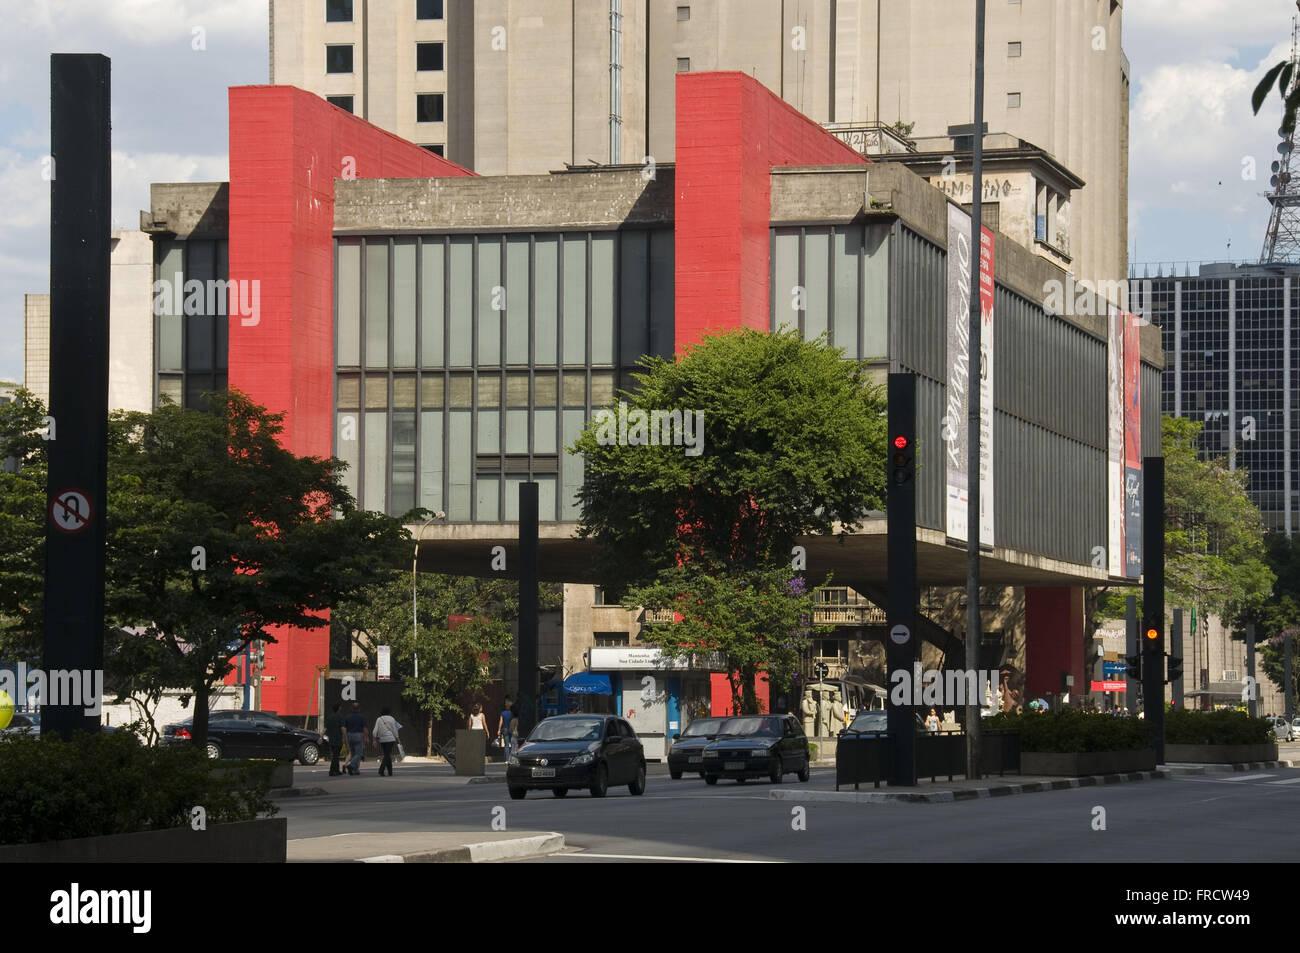 MASP - Museu de Arte de Sao Paulo - Assis Chateaubriand - Stock Image